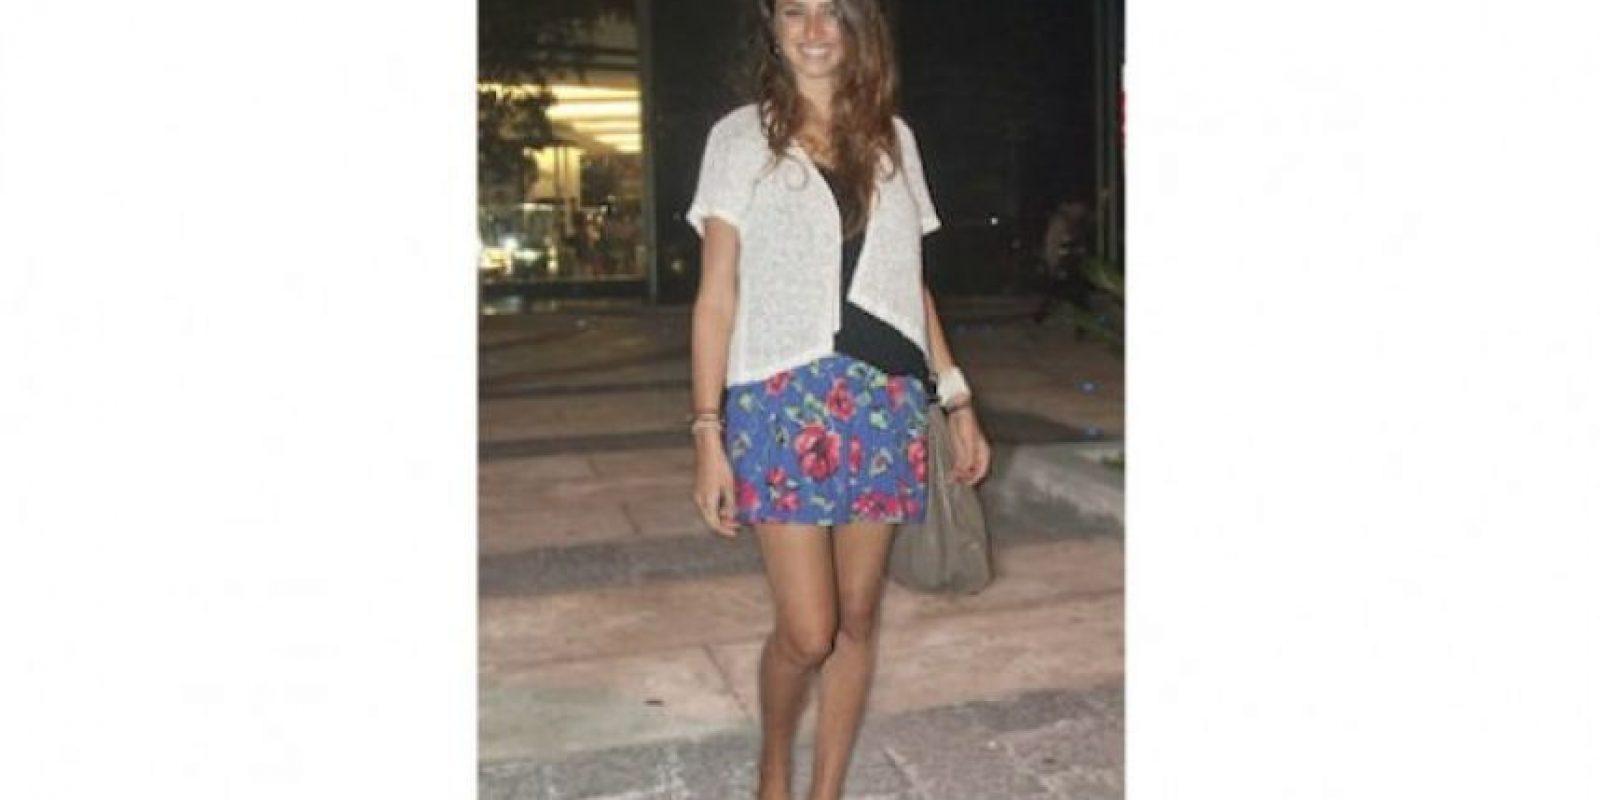 """""""Me gusta utilizar ropa con estampados y combinar varias prendas. Tengo un look casual. Amo los vestidos y estos zapatos que compré en Antigua Guatemala, son supercómodos"""". Hadas Avital, 23 años OCUPACIÓN: INGENIERA INDUSTRIAL"""